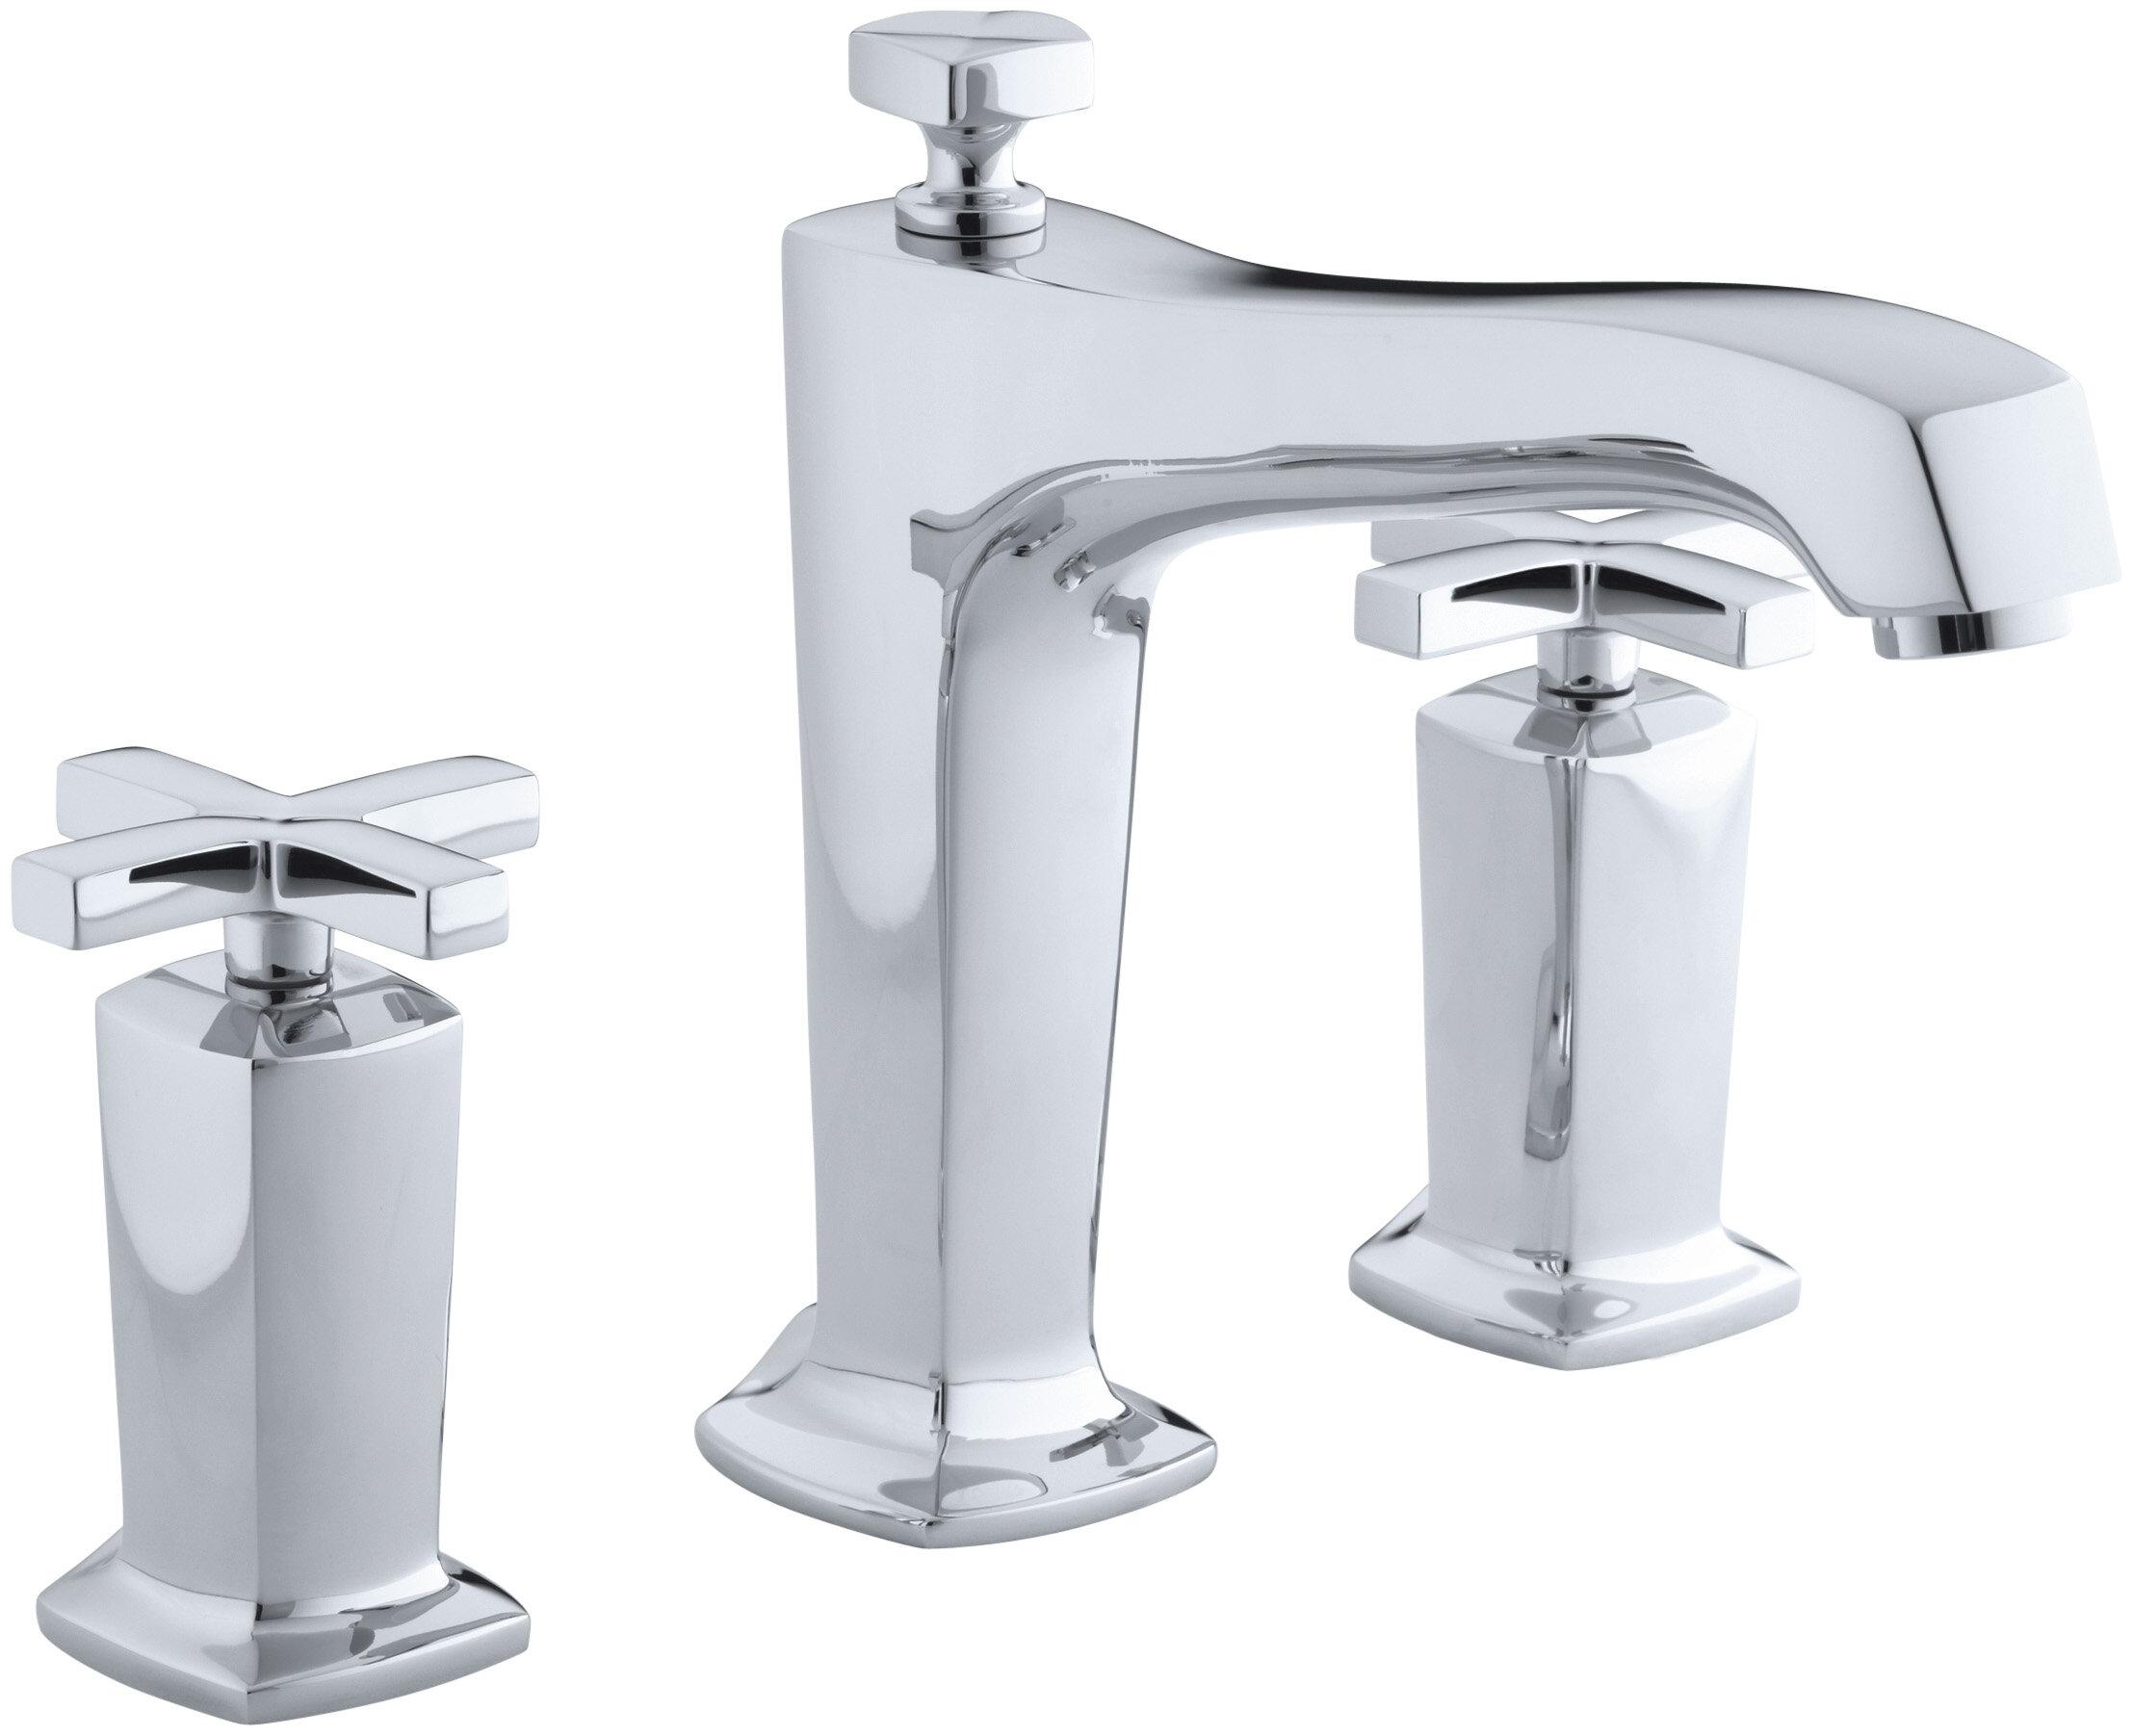 K-T16237-3-AF,BN,BV Kohler Margaux Deck-Mount Bath Faucet Trim for ...